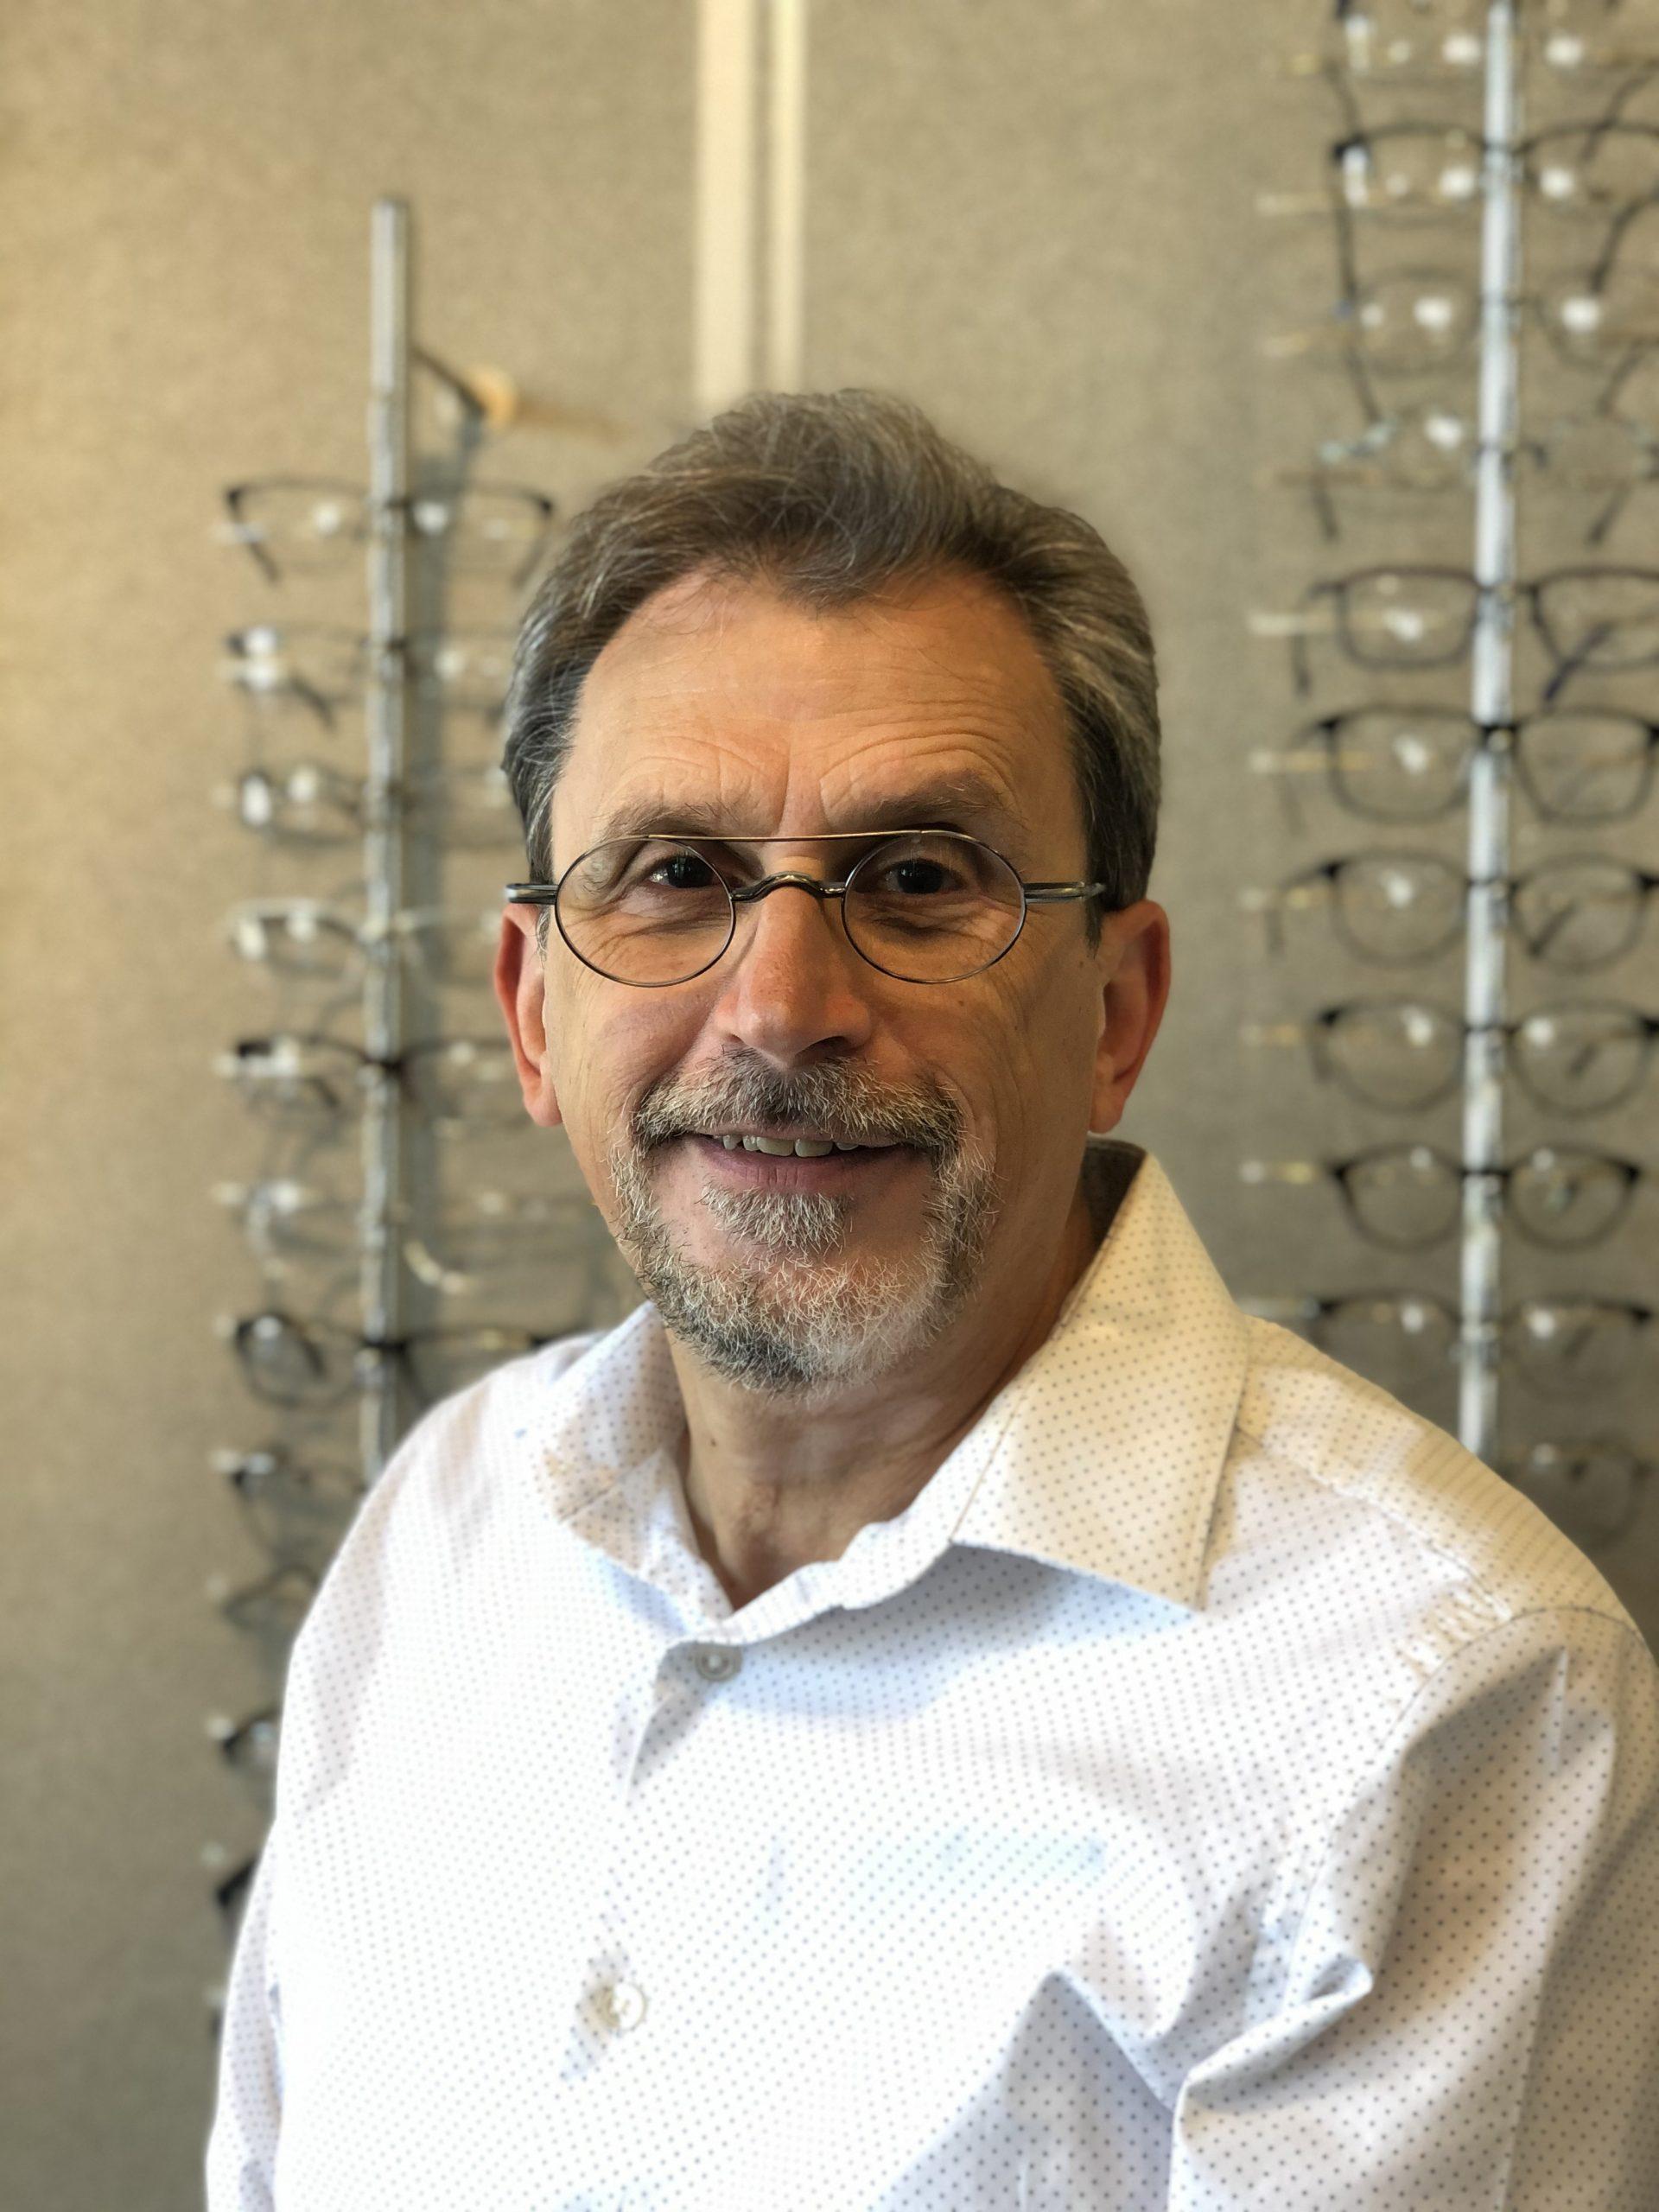 Dr. Mario Palermo